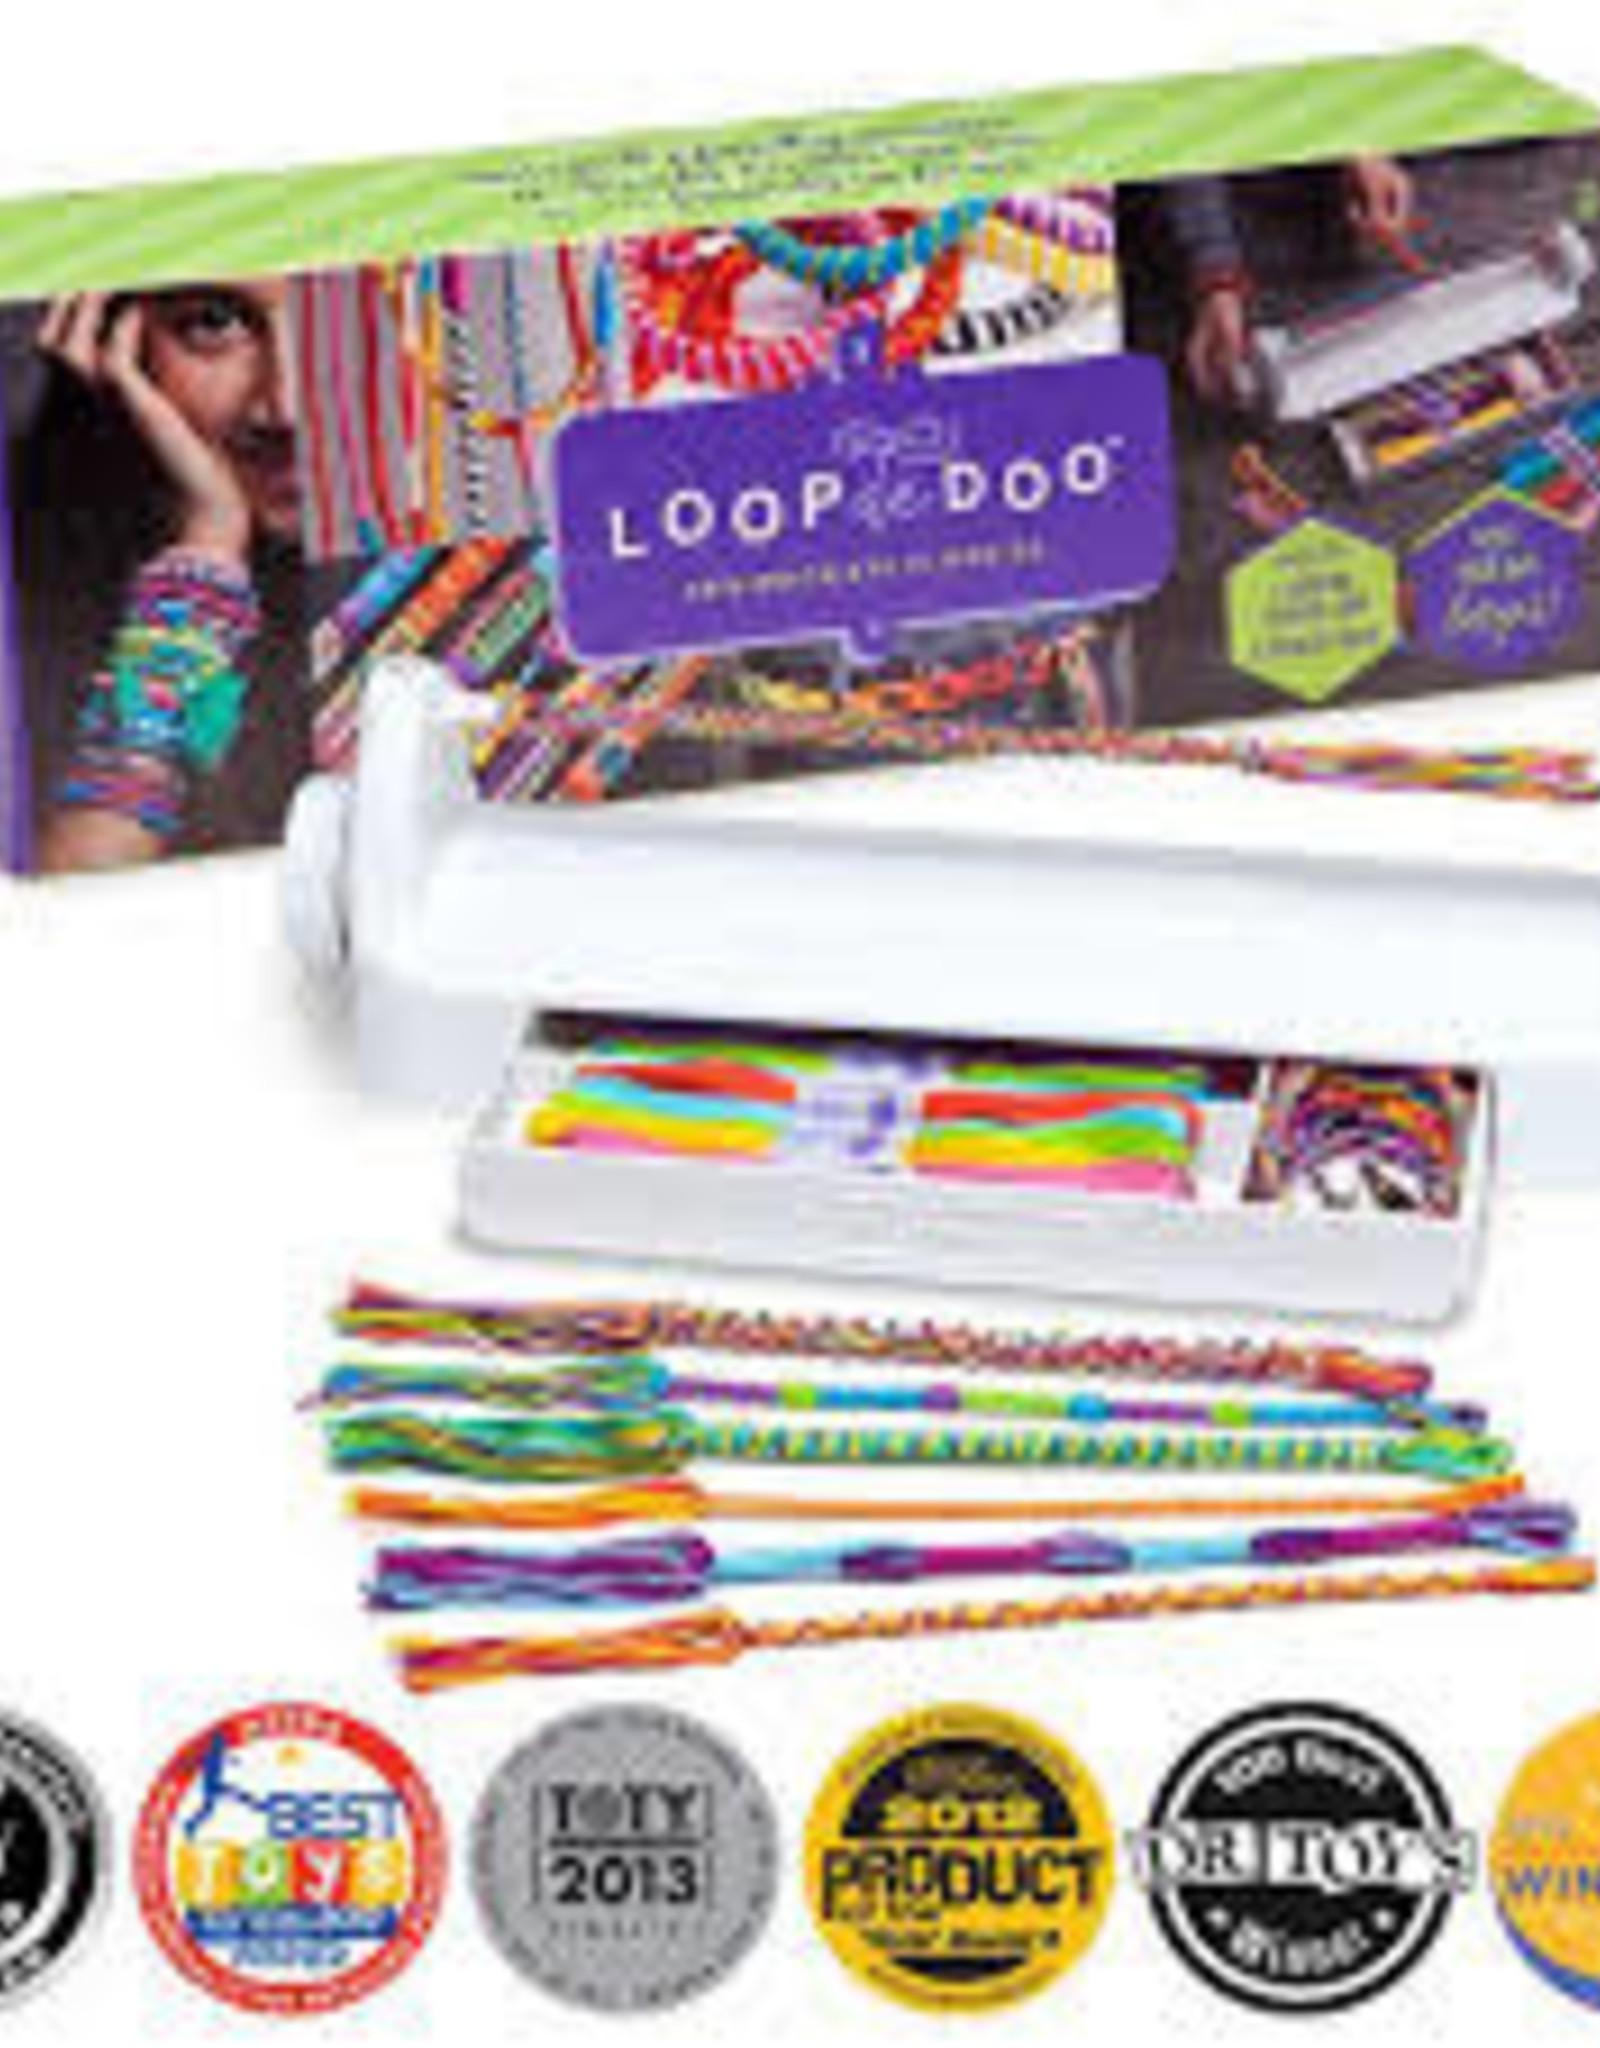 Ann Williams LoopDeDoo Spinning Loom Kit